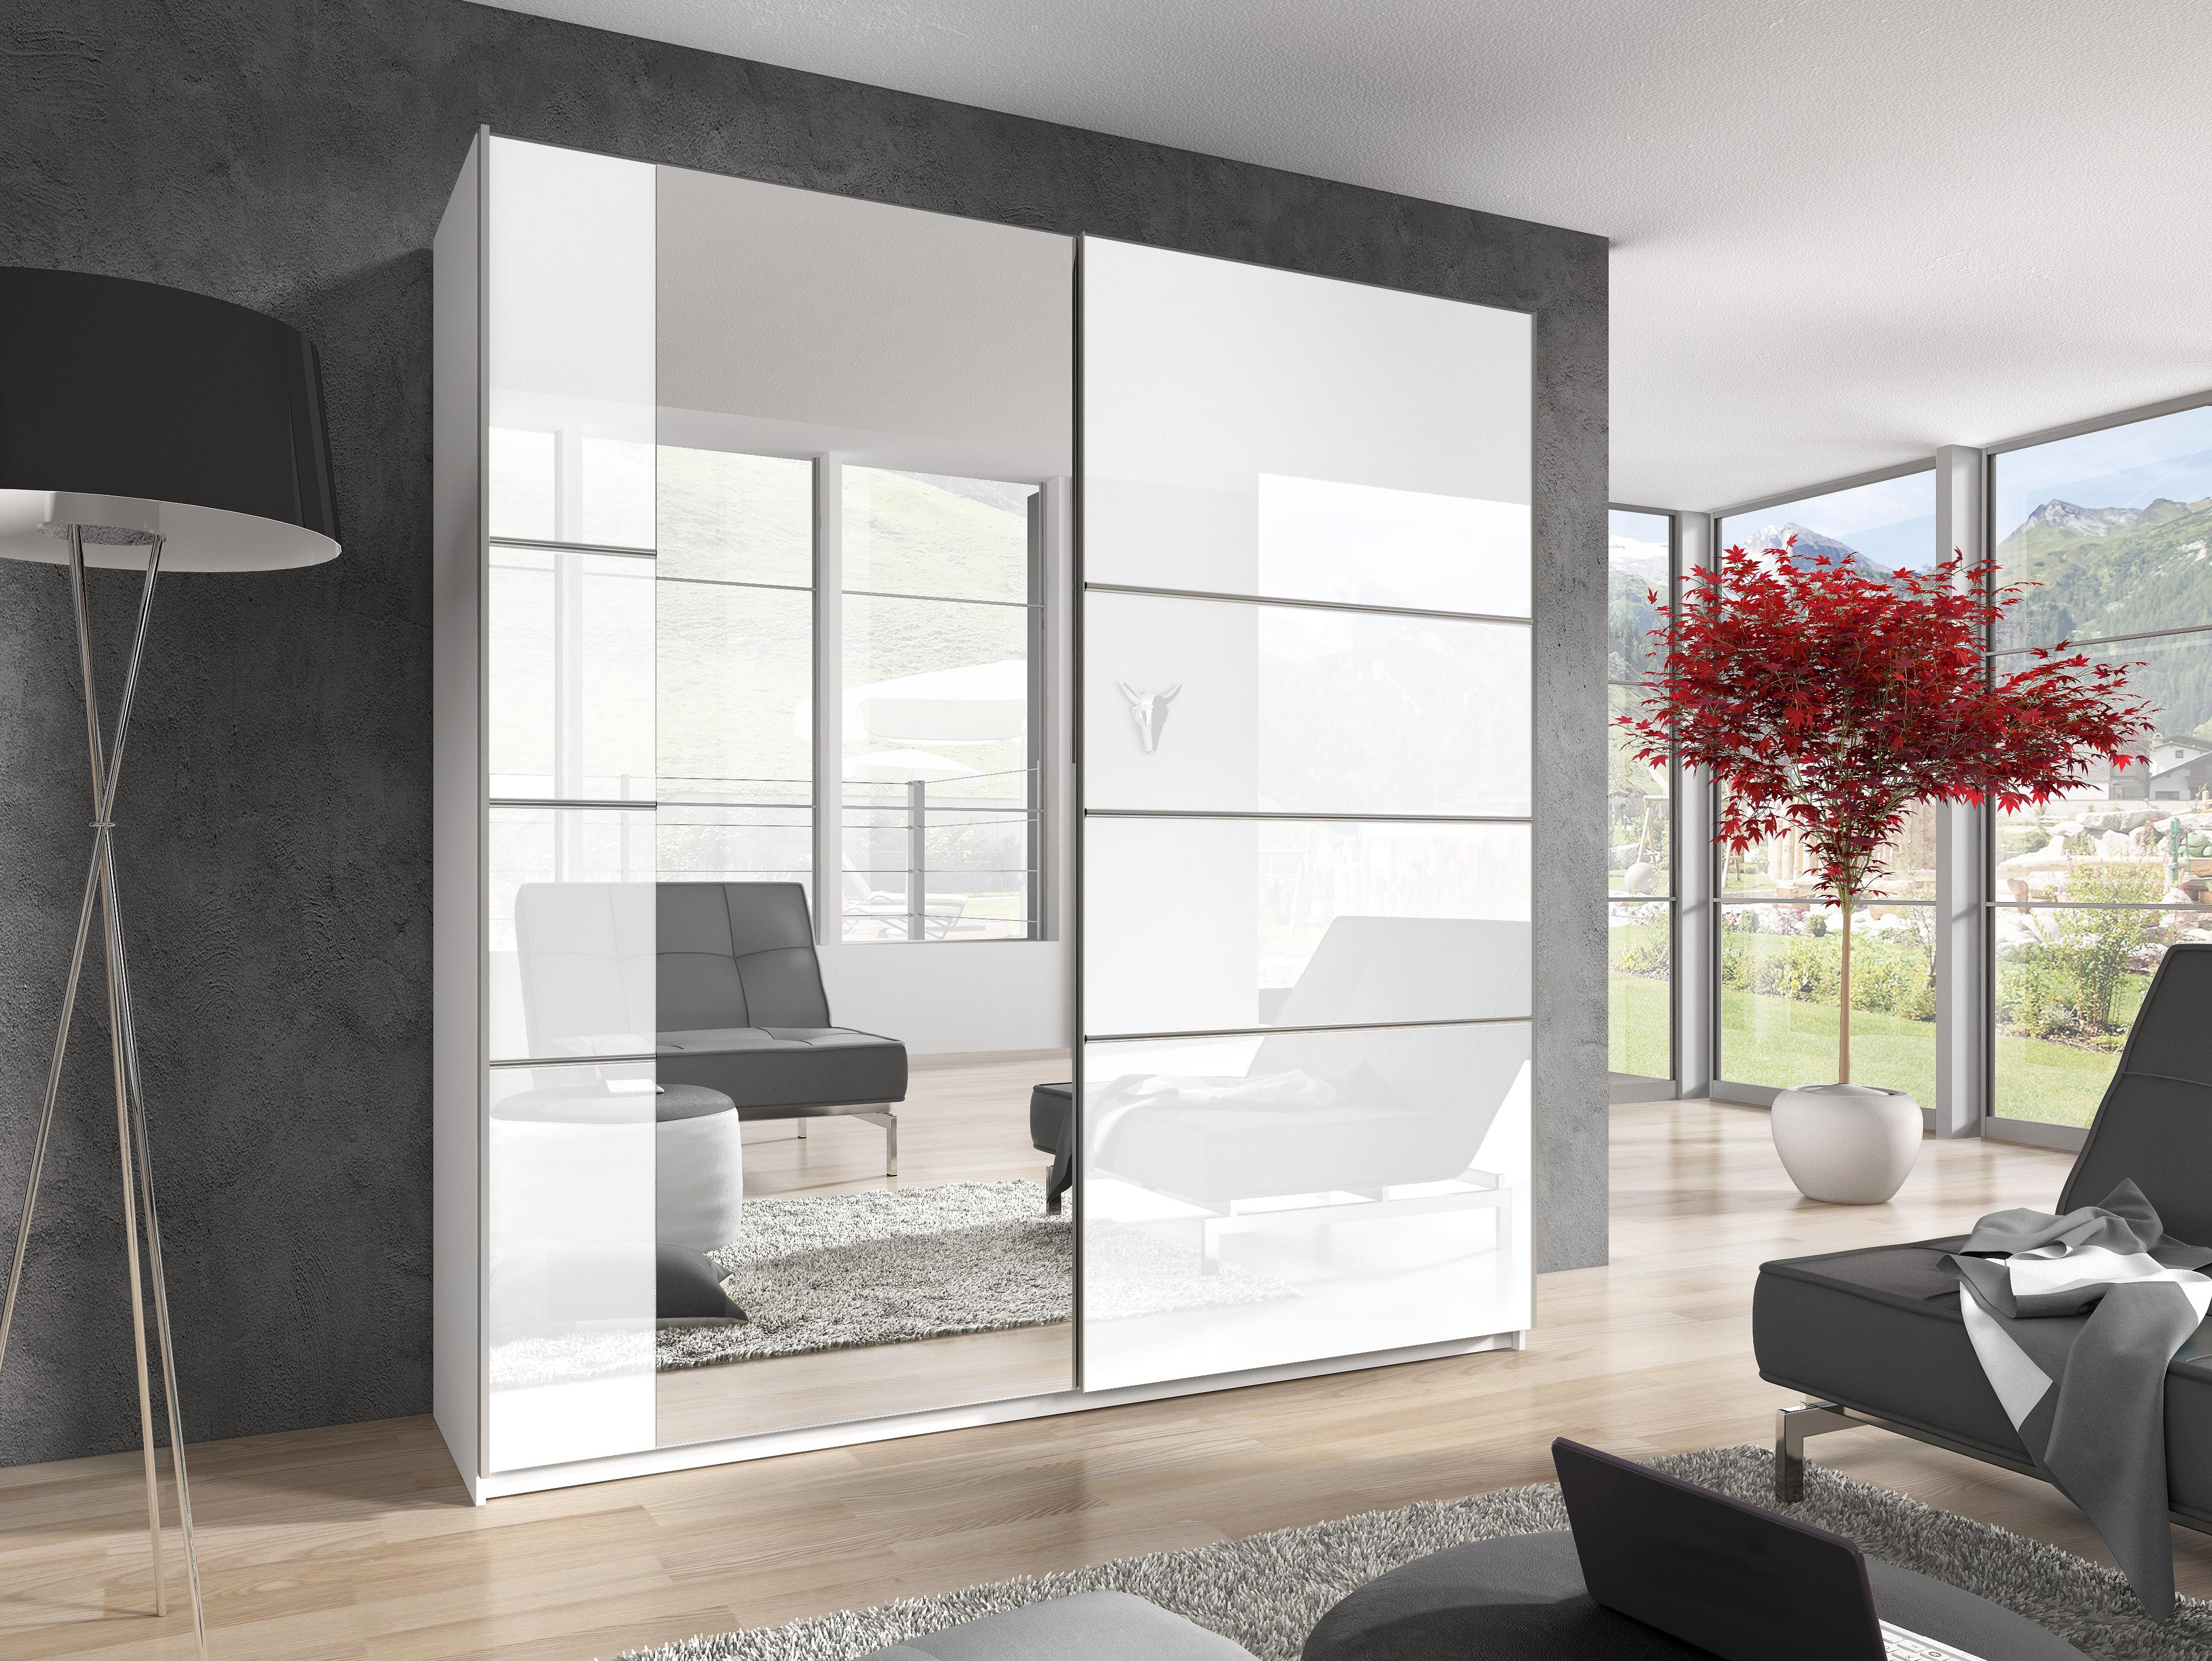 Šatní skříň - Benson - Typ 57 (bílá + lesk bílý + zrcadlo)